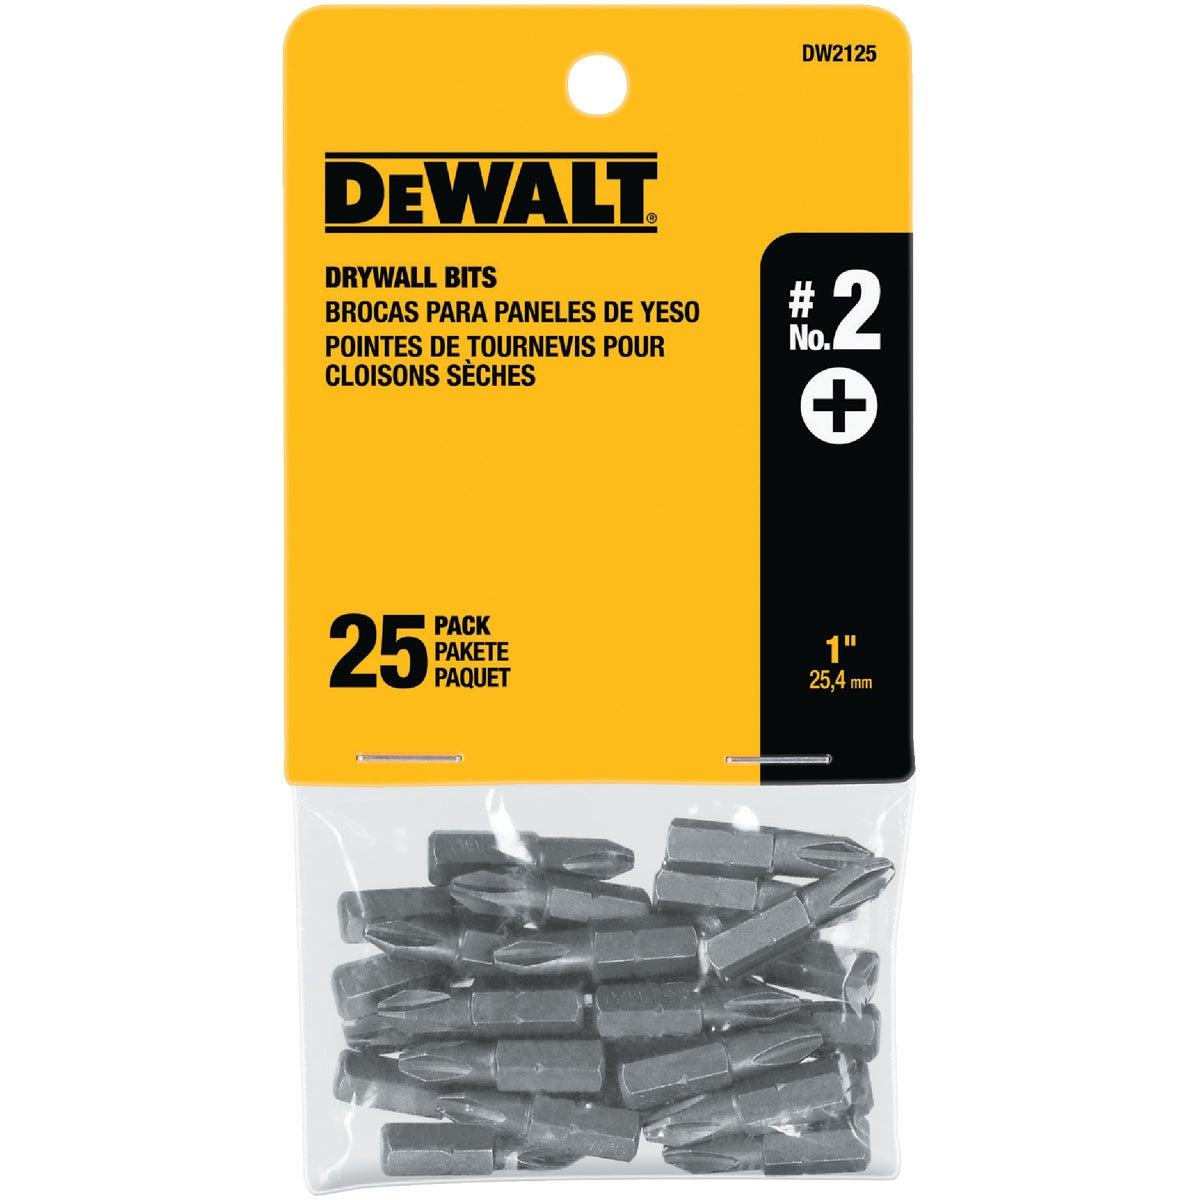 25PC DRYWALL BIT SET - DW2125 by DeWalt